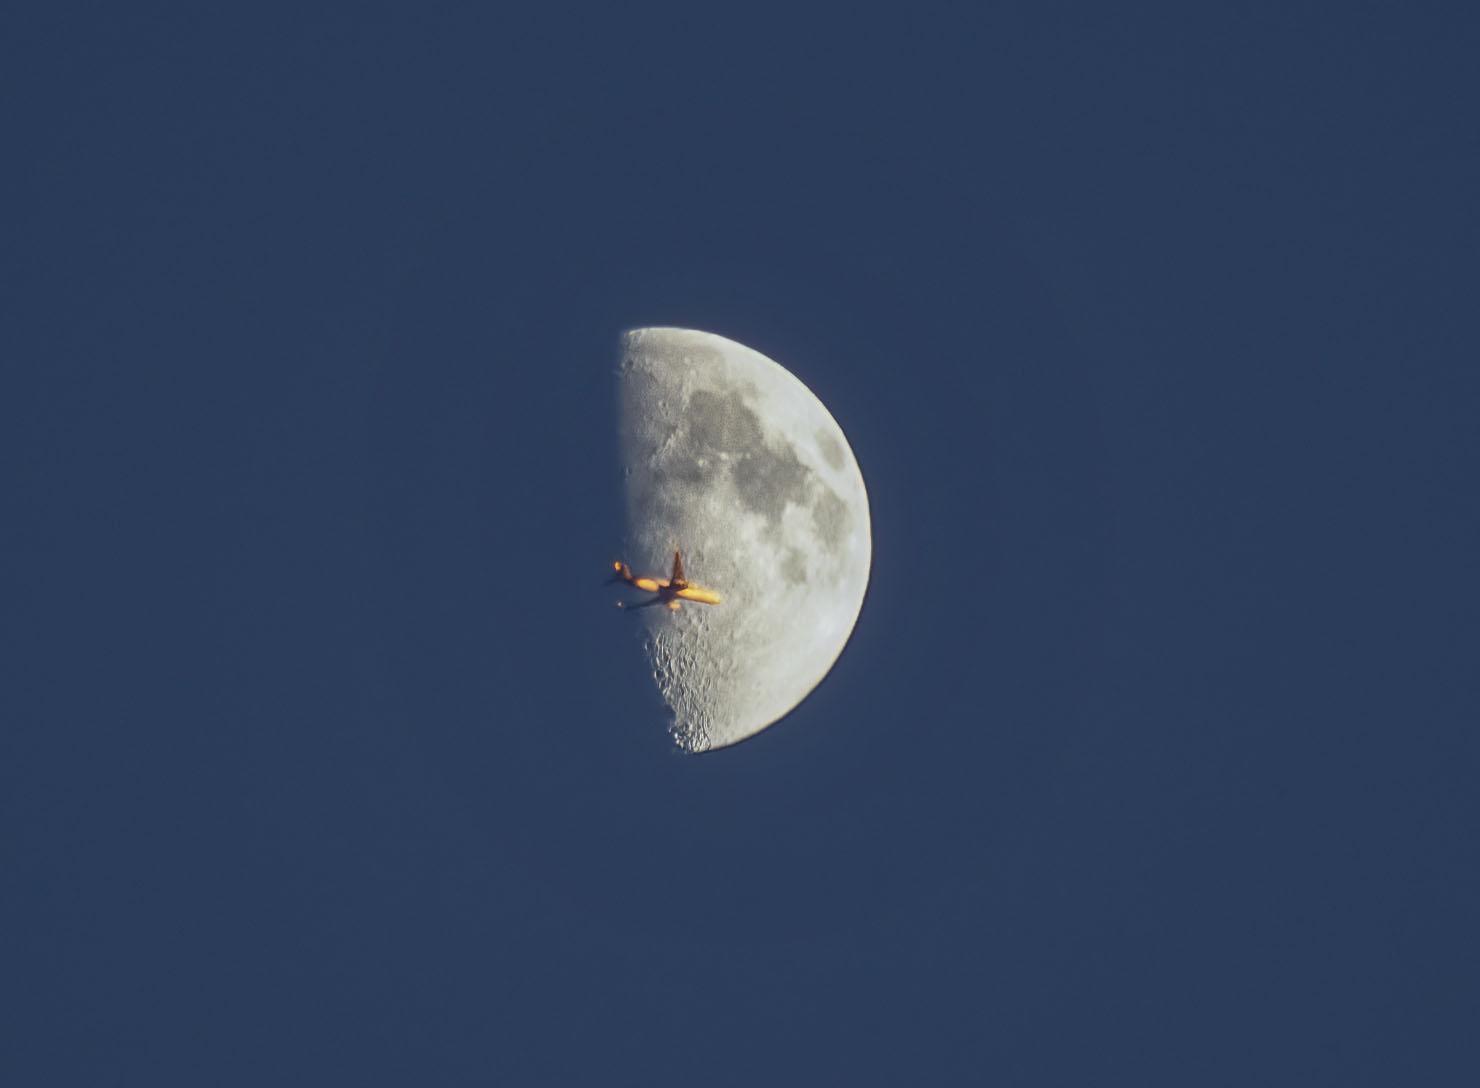 jeden moon samolot crop gaussen kopia.jpg